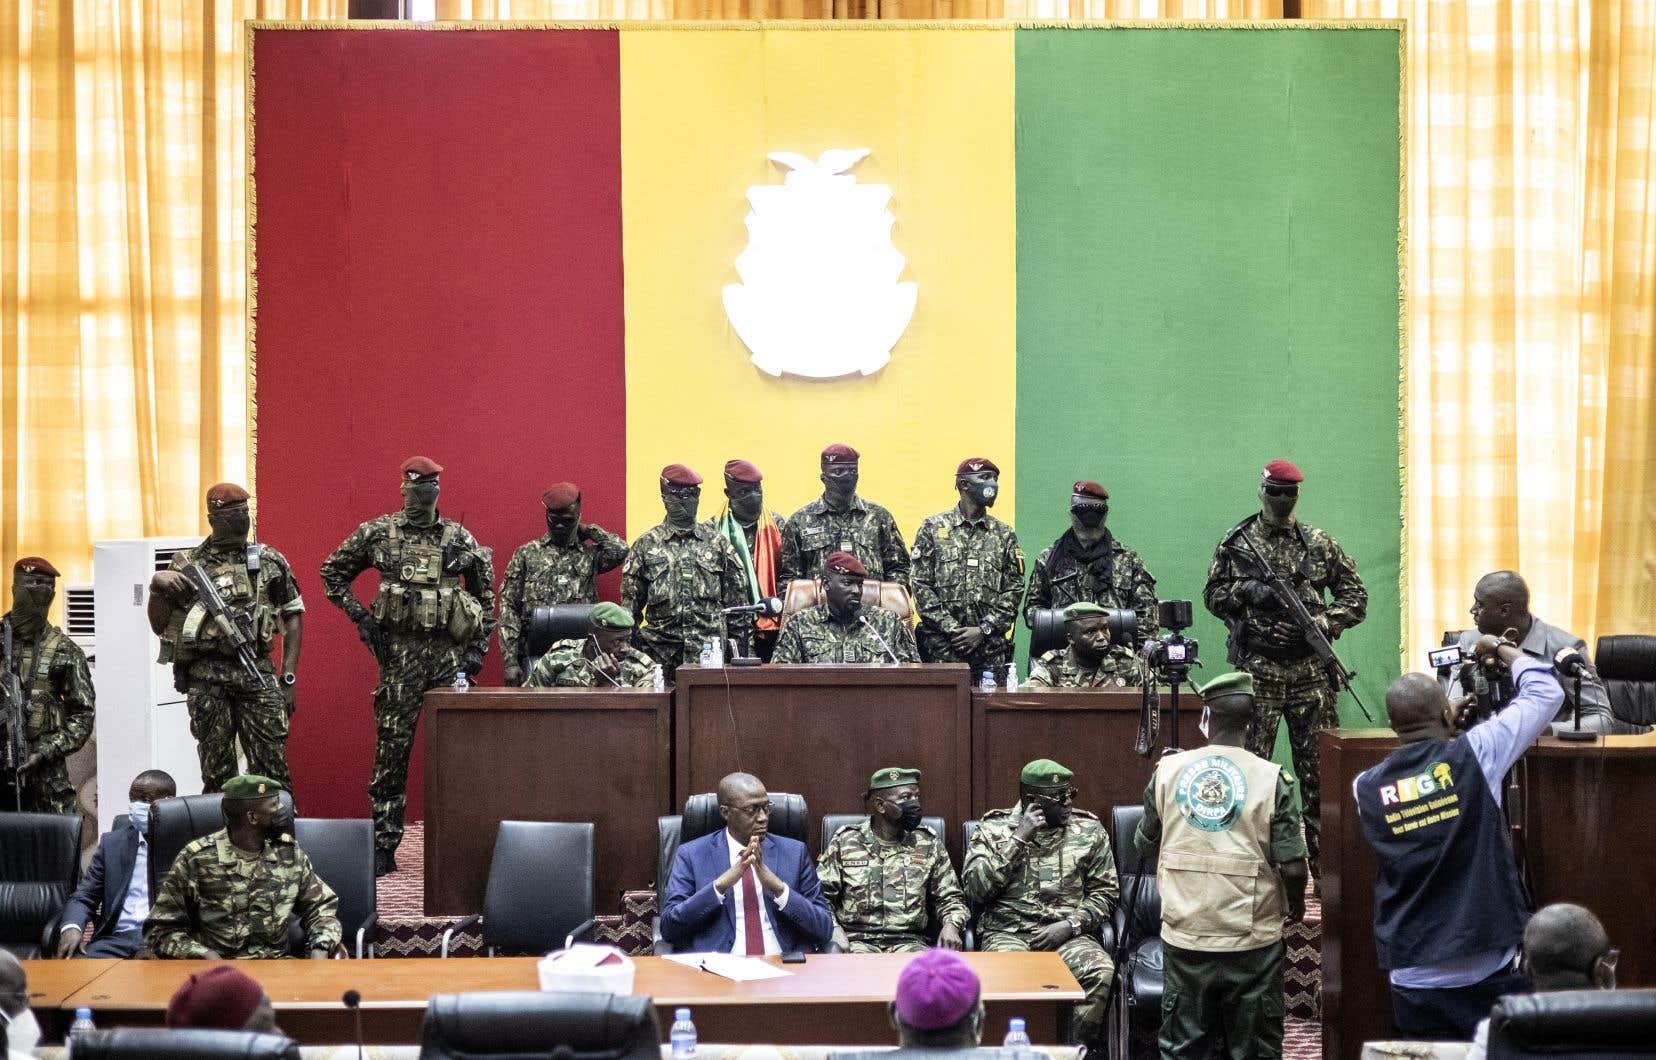 Le lieutenant-colonel Mamady Doumbouya (au centre) écoute les interventions de dignitaires religieux.